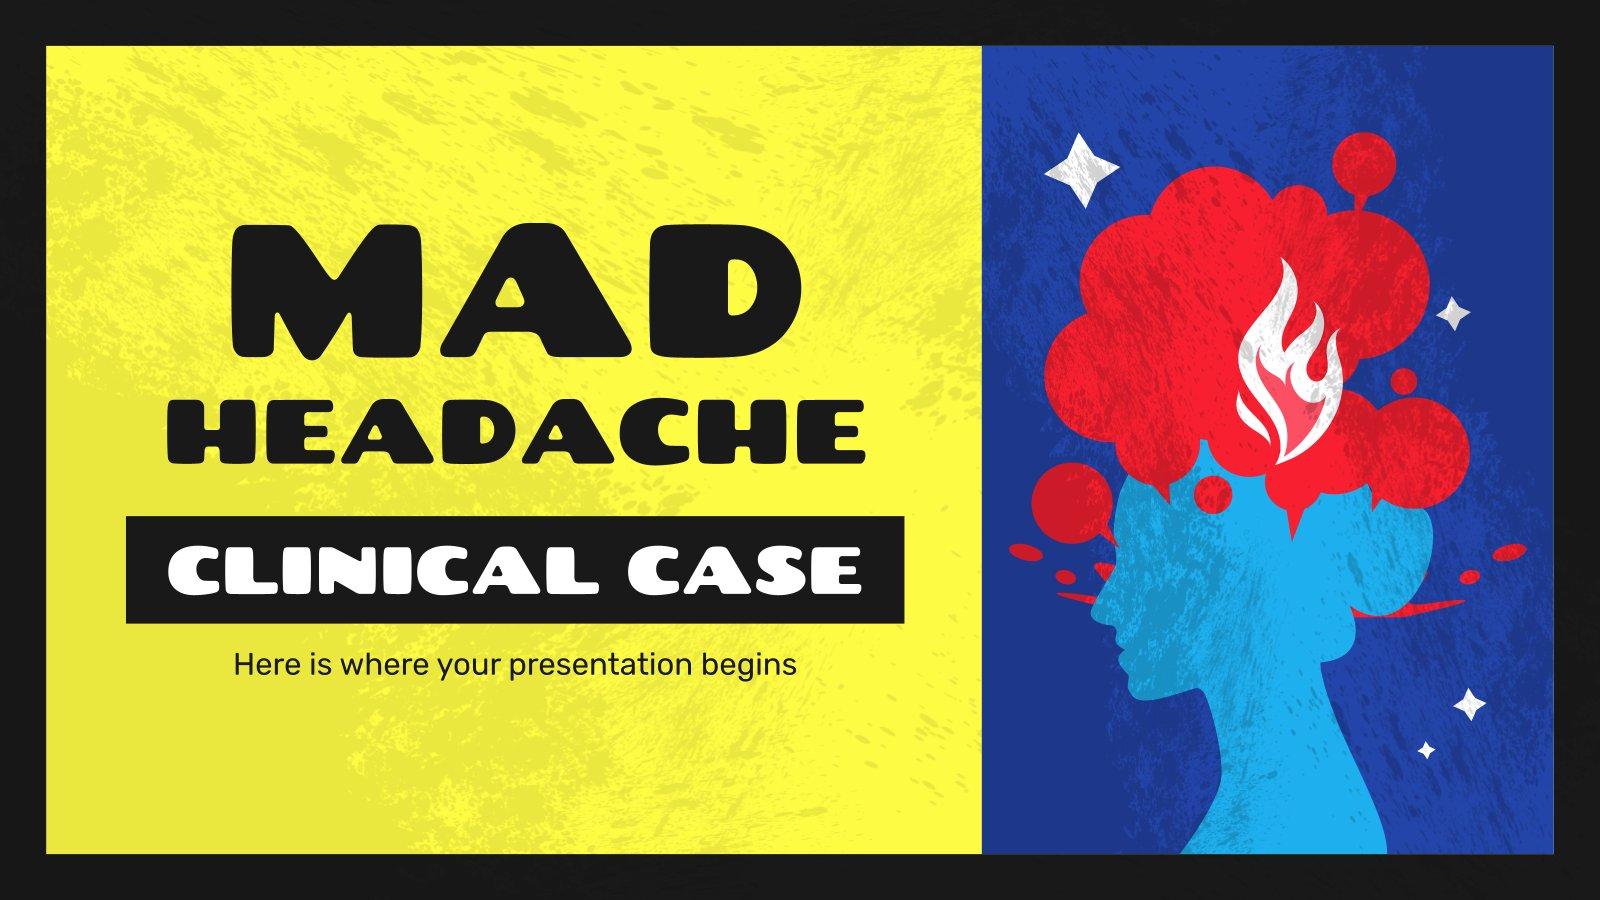 Kopfschmerzen Klinischer Fall Präsentationsvorlage